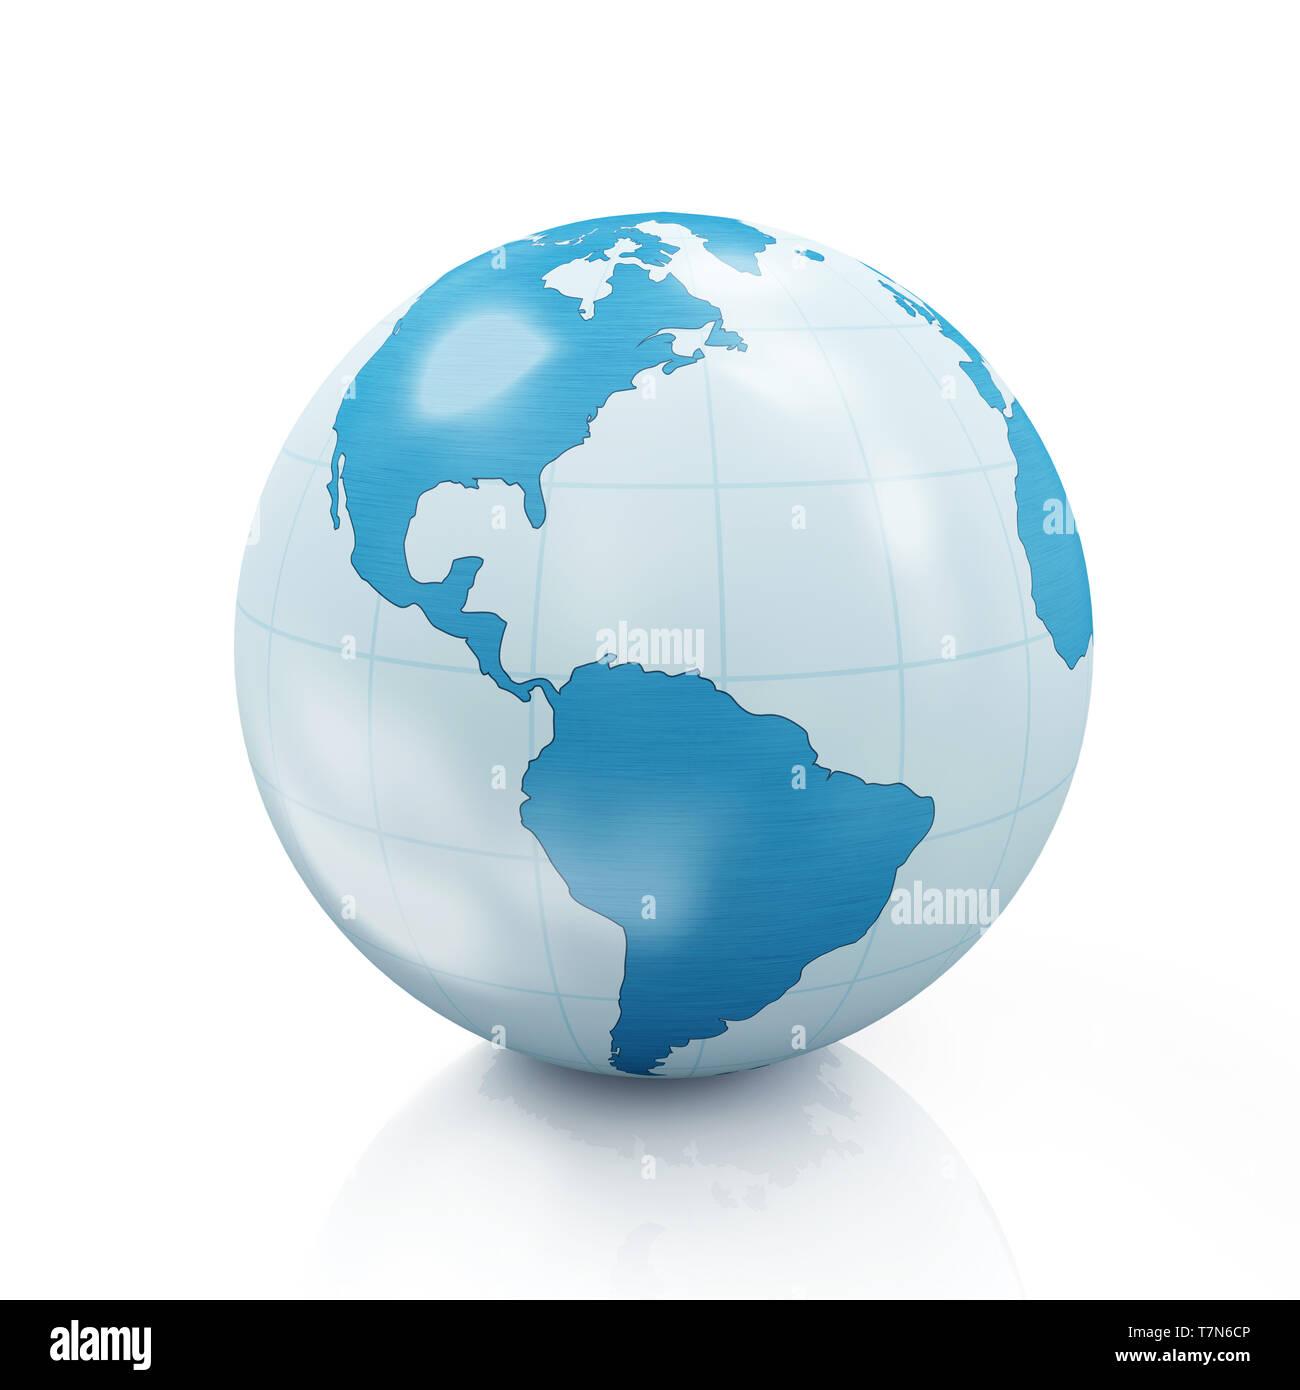 Style Earth Globe isolated on white background - Stock Image